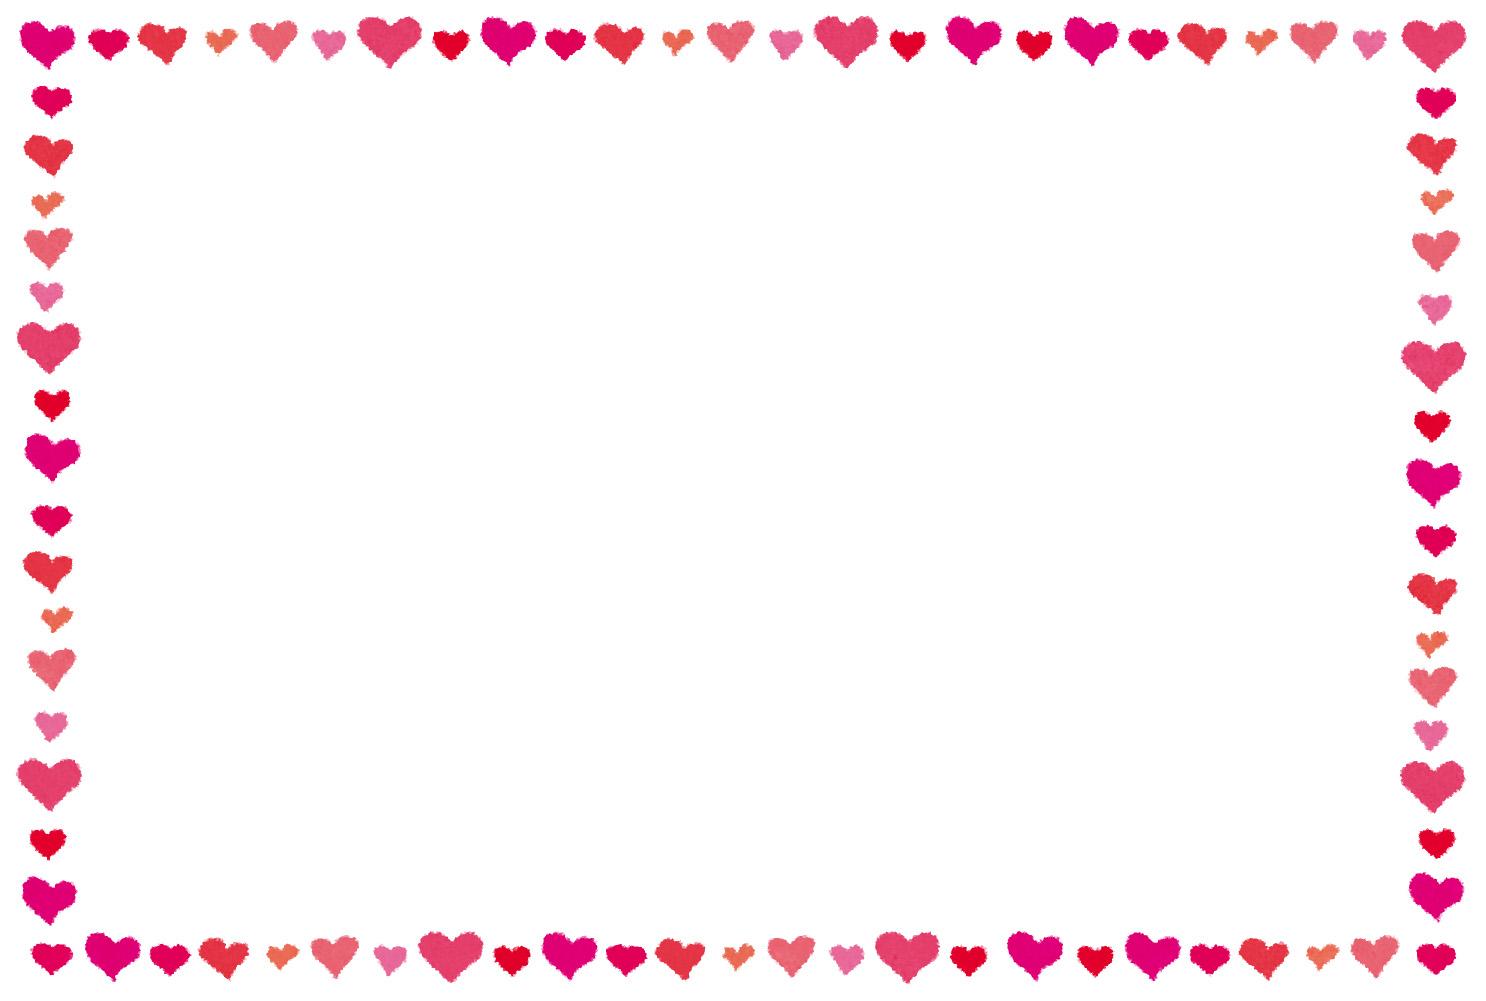 ハートのフレームのテンプレート「バレンタイン」 | かわいいフリー素材